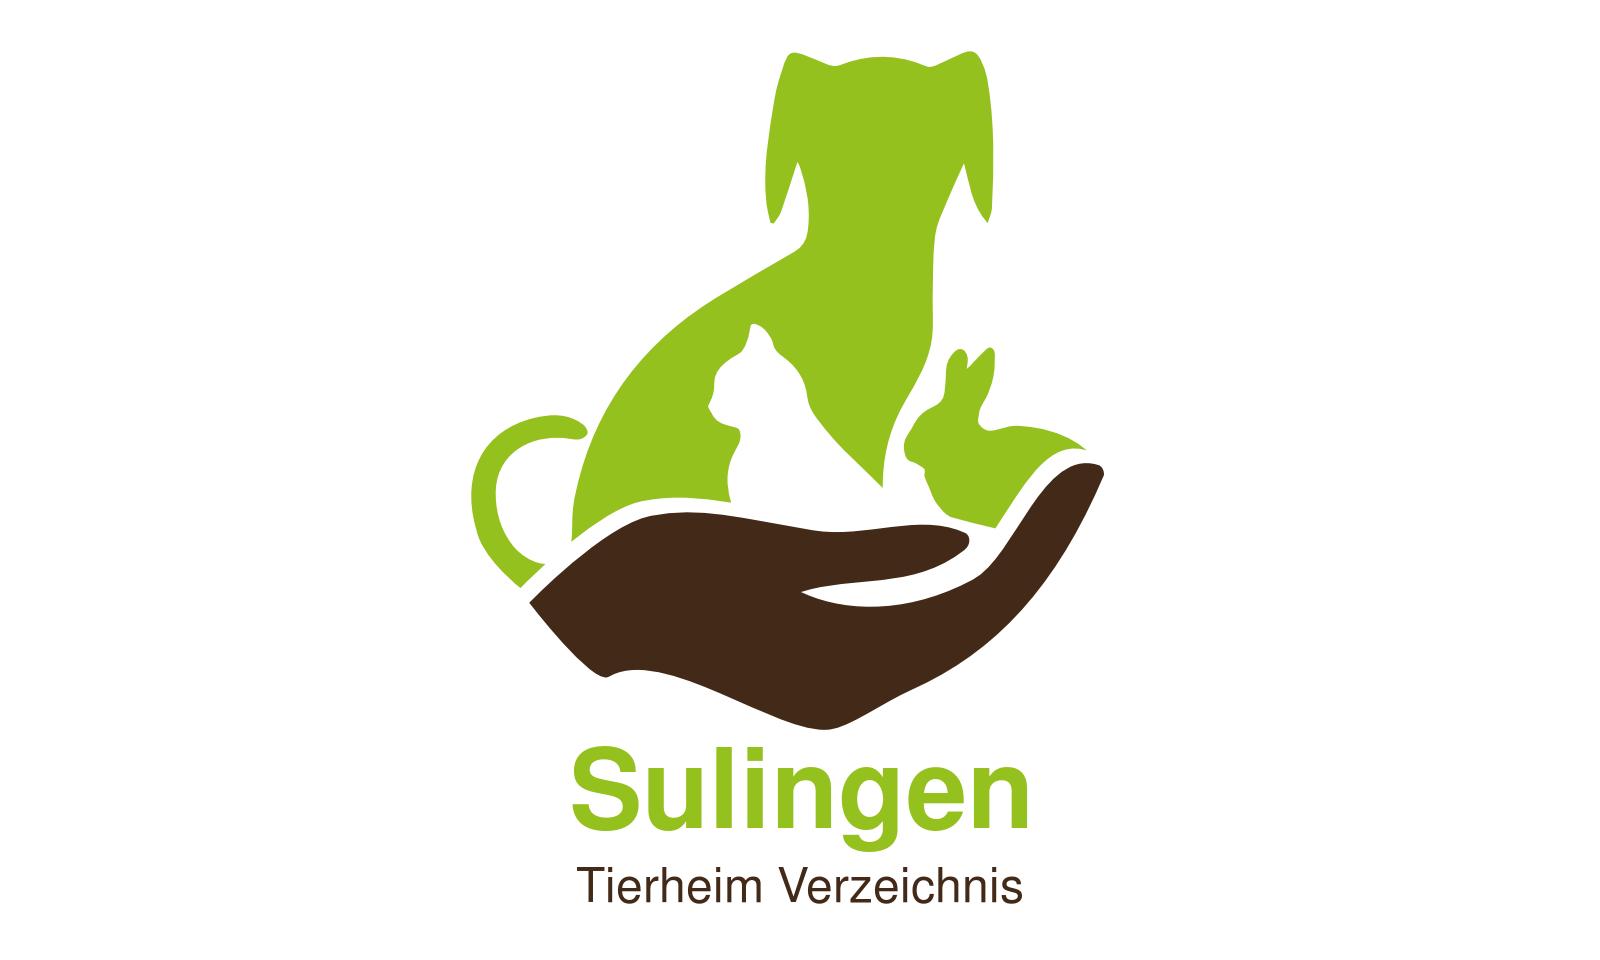 Tierheim Sulingen